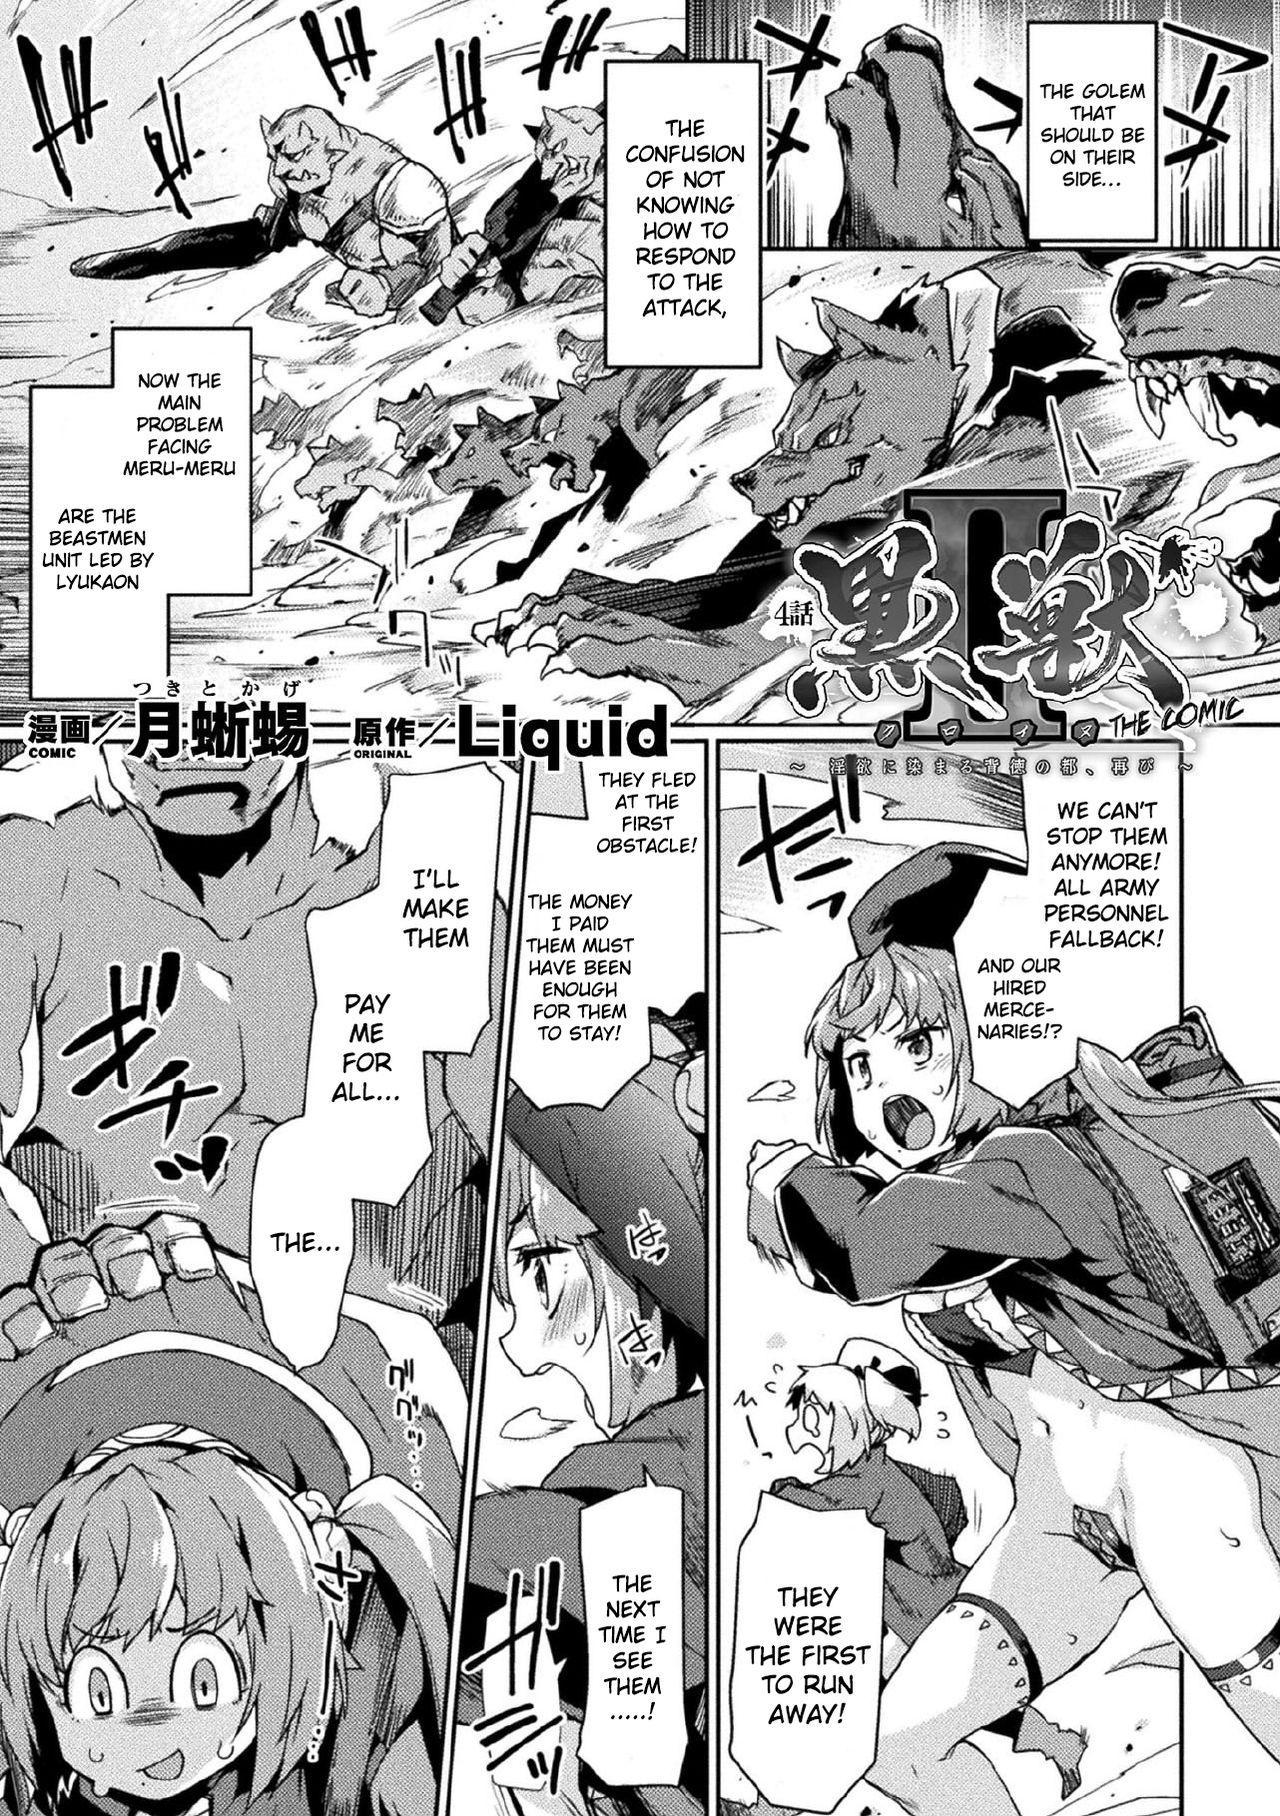 [Tsukitokage] Kuroinu II ~Inyoku ni Somaru Haitoku no Miyako, Futatabi~ THE COMIC Ch. 4 (Kukkoro Heroines Vol. 3) [English] [Raknnkarscans] [Digital] 0